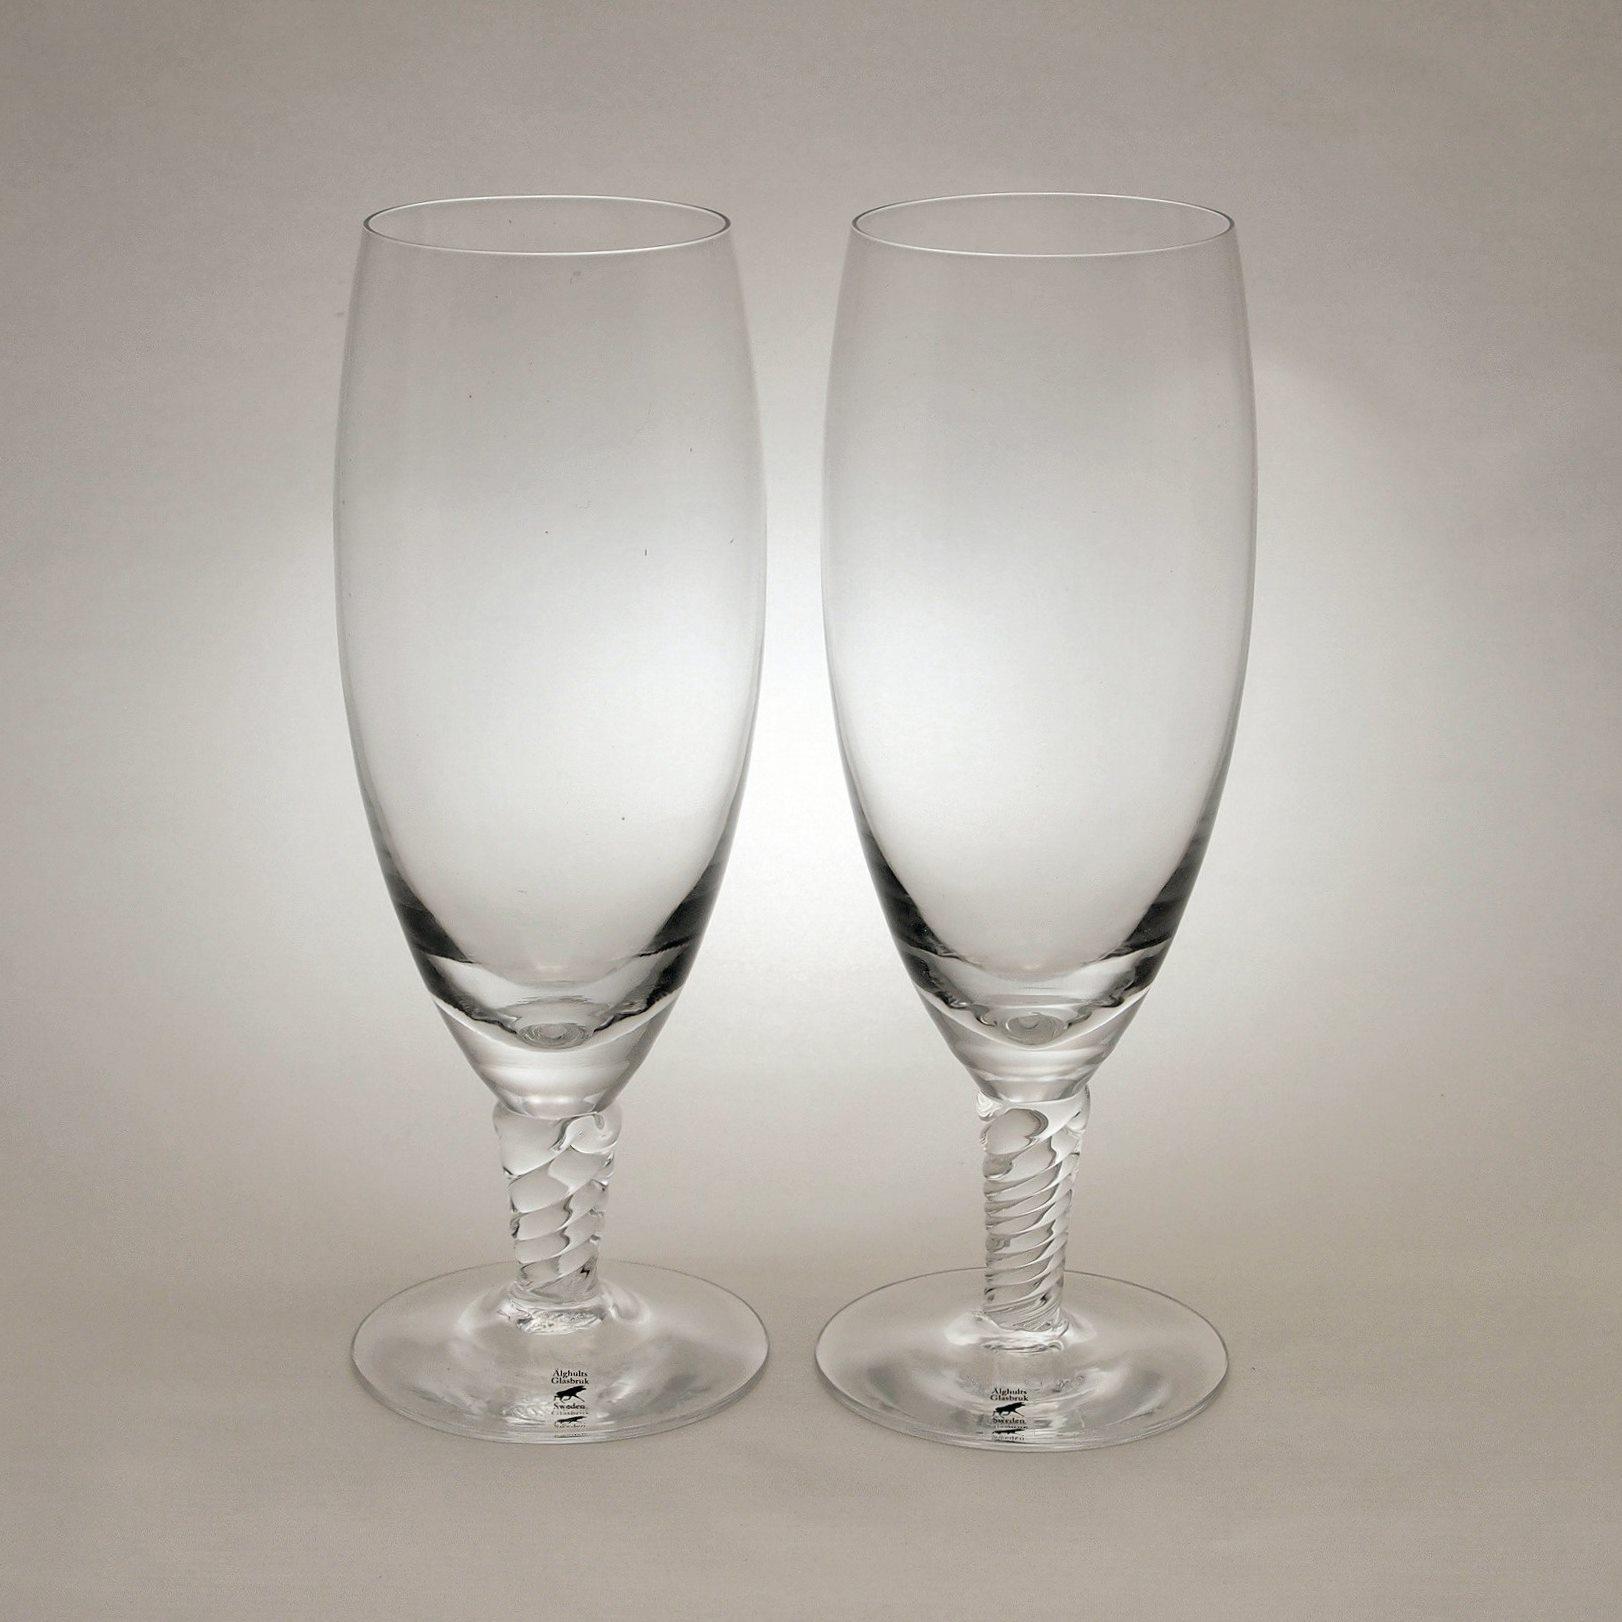 アルグハルト ツイスト ビールグラス ペア Alghult Twist Beer Glass Pair